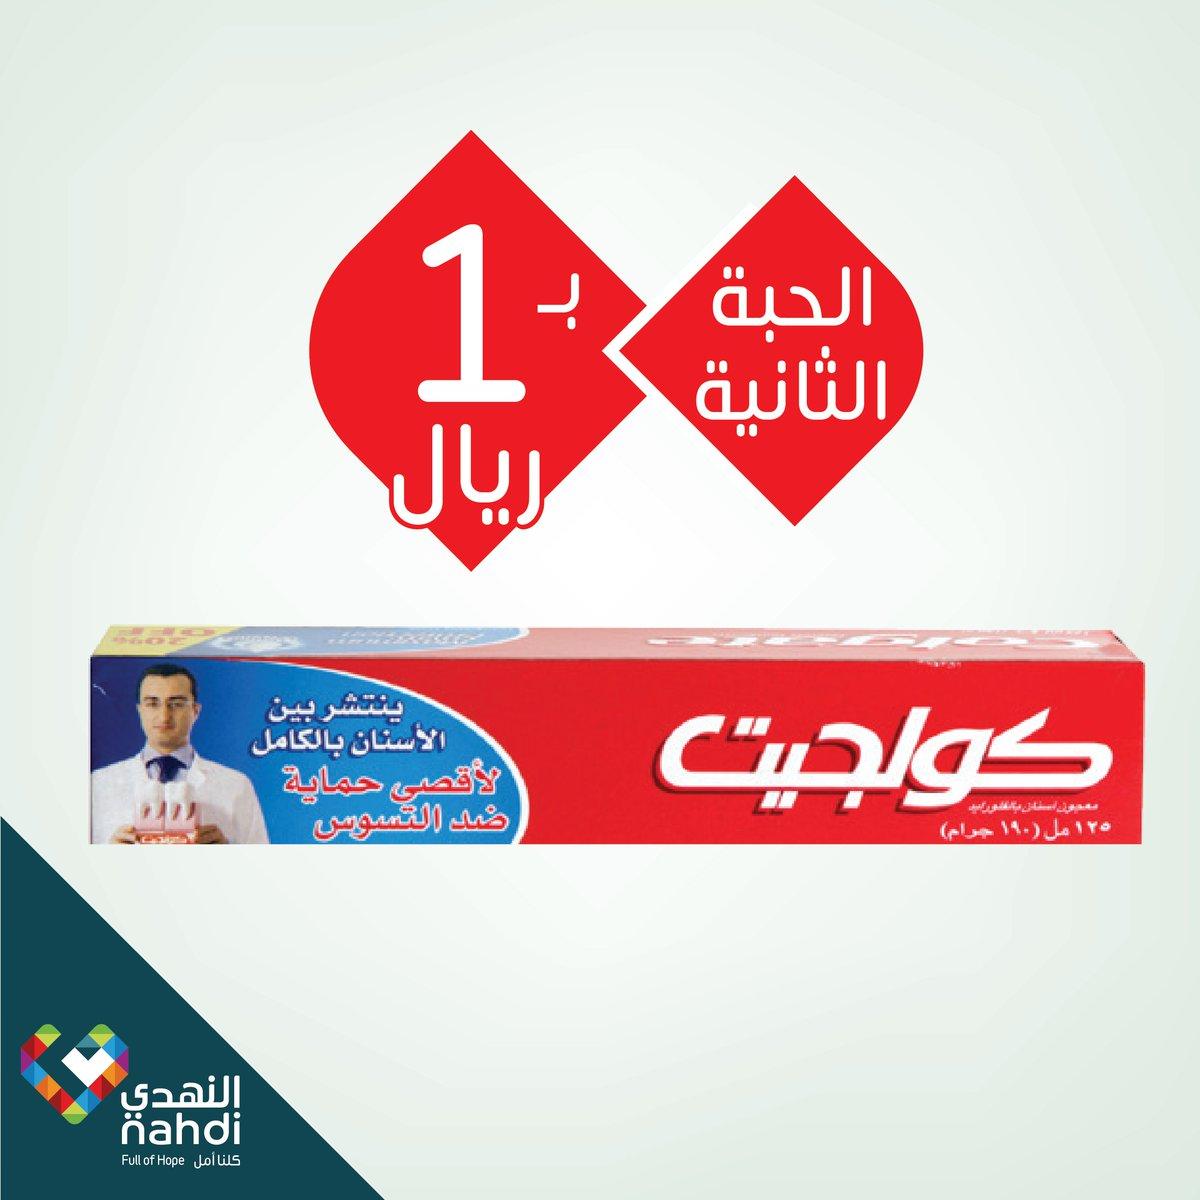 صيدلية النهدي On Twitter لاتفوتي عروضالنهدي للحصول على أسنان